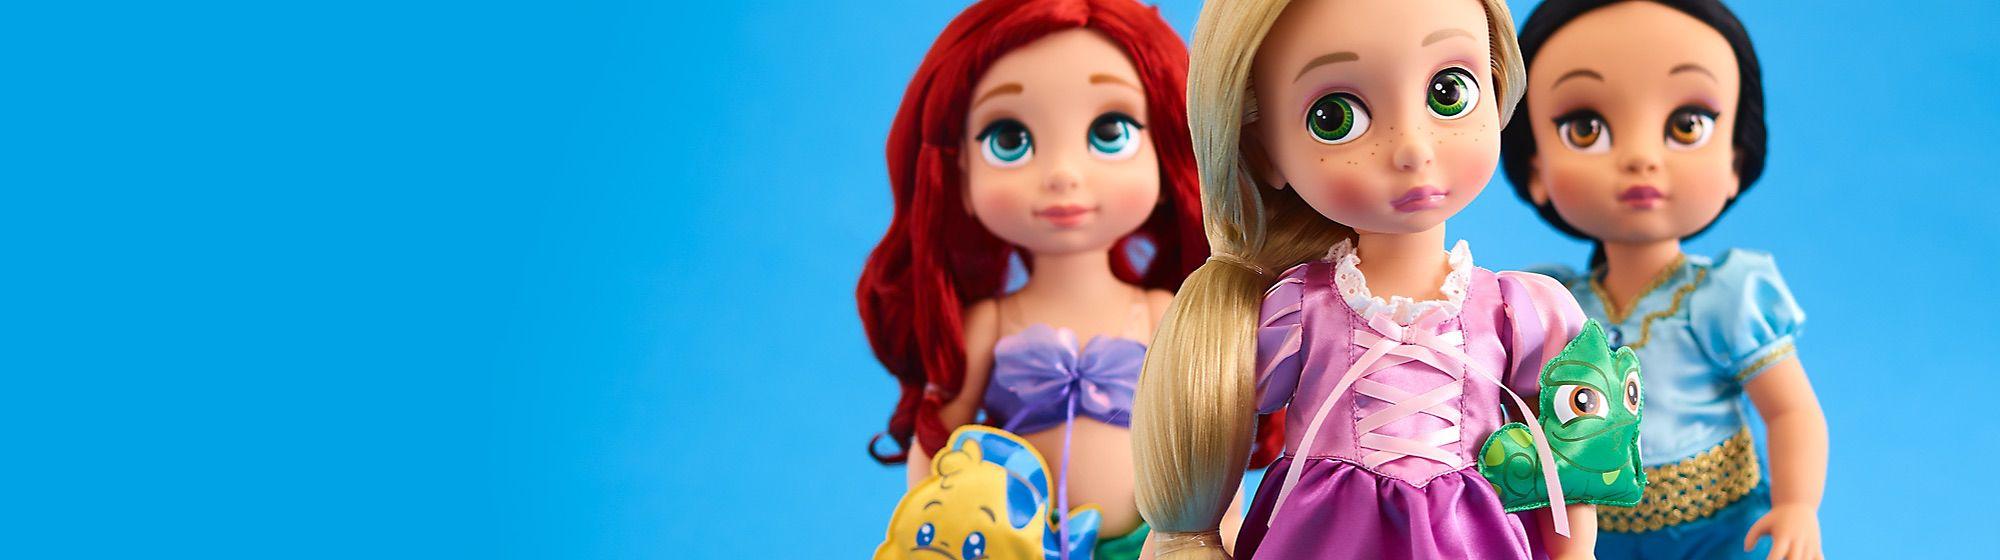 Disney Animators' Collection